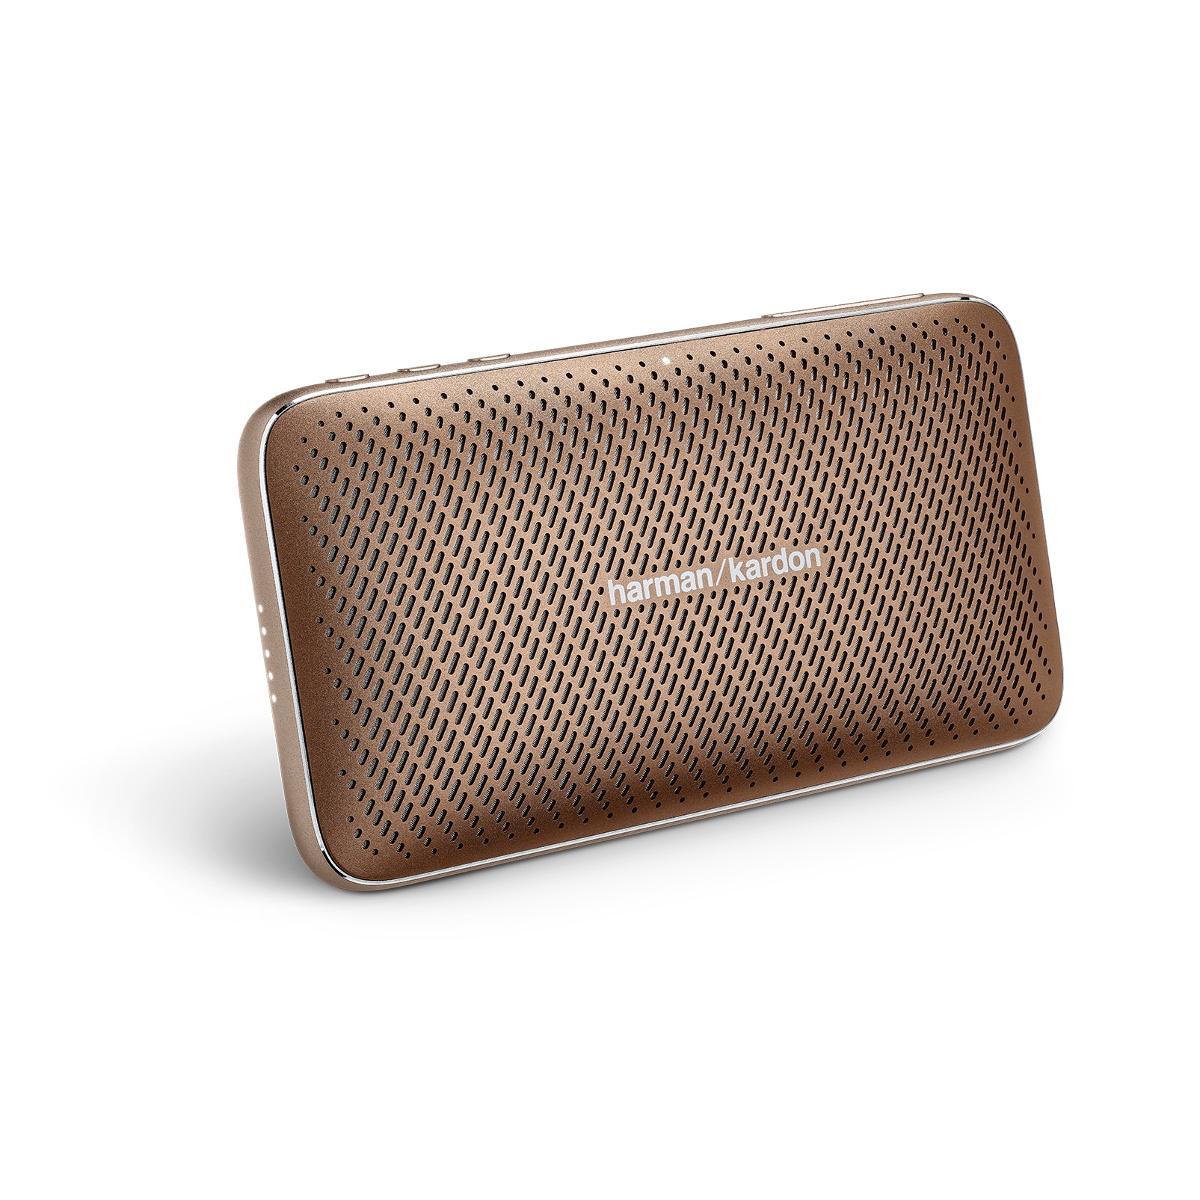 Беспроводная портативная акустическая система Harman/Kardon Esquire Mini 2 коричневая (1/6)